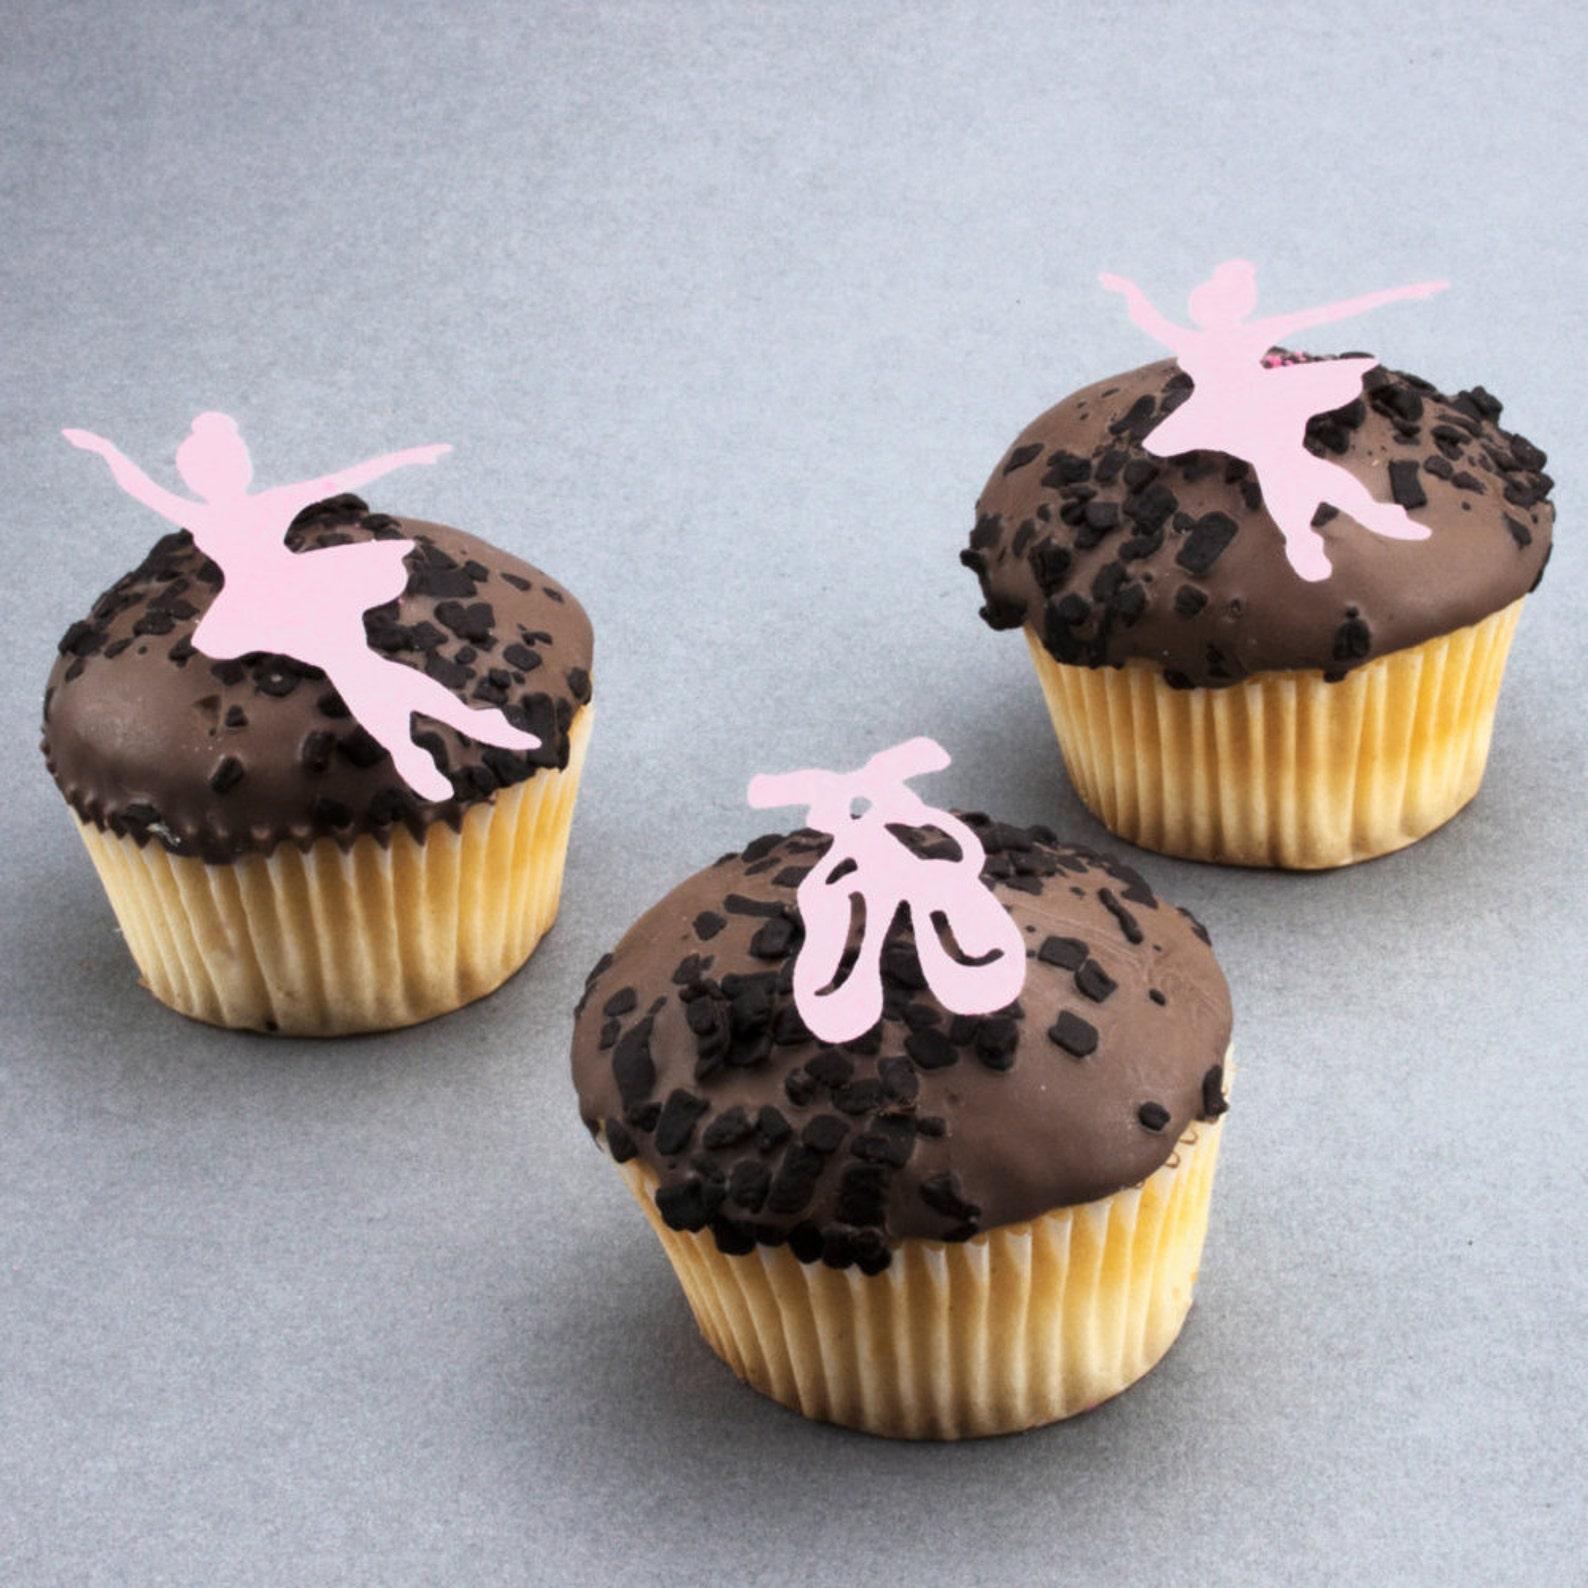 ballet dancer,ballet,ballet shoes,edible,cupcake topper,rice paper,cake,edible,ballet dancer cake topper,ballet dancer cupcake t